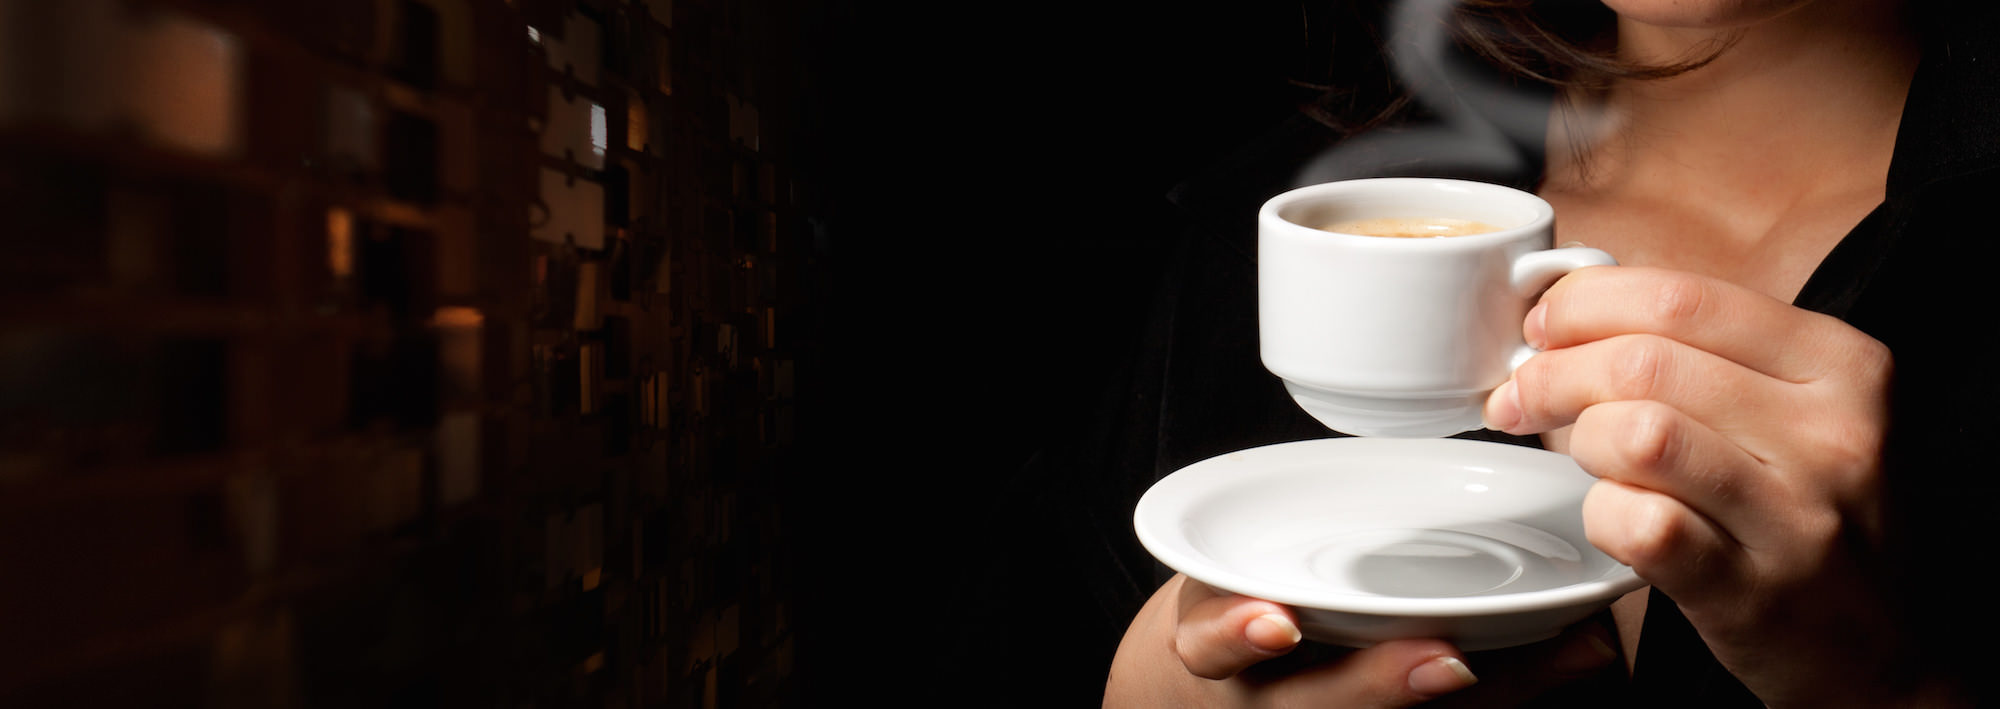 Bester Kaffee für höchste Ansprüche von Excellentas,